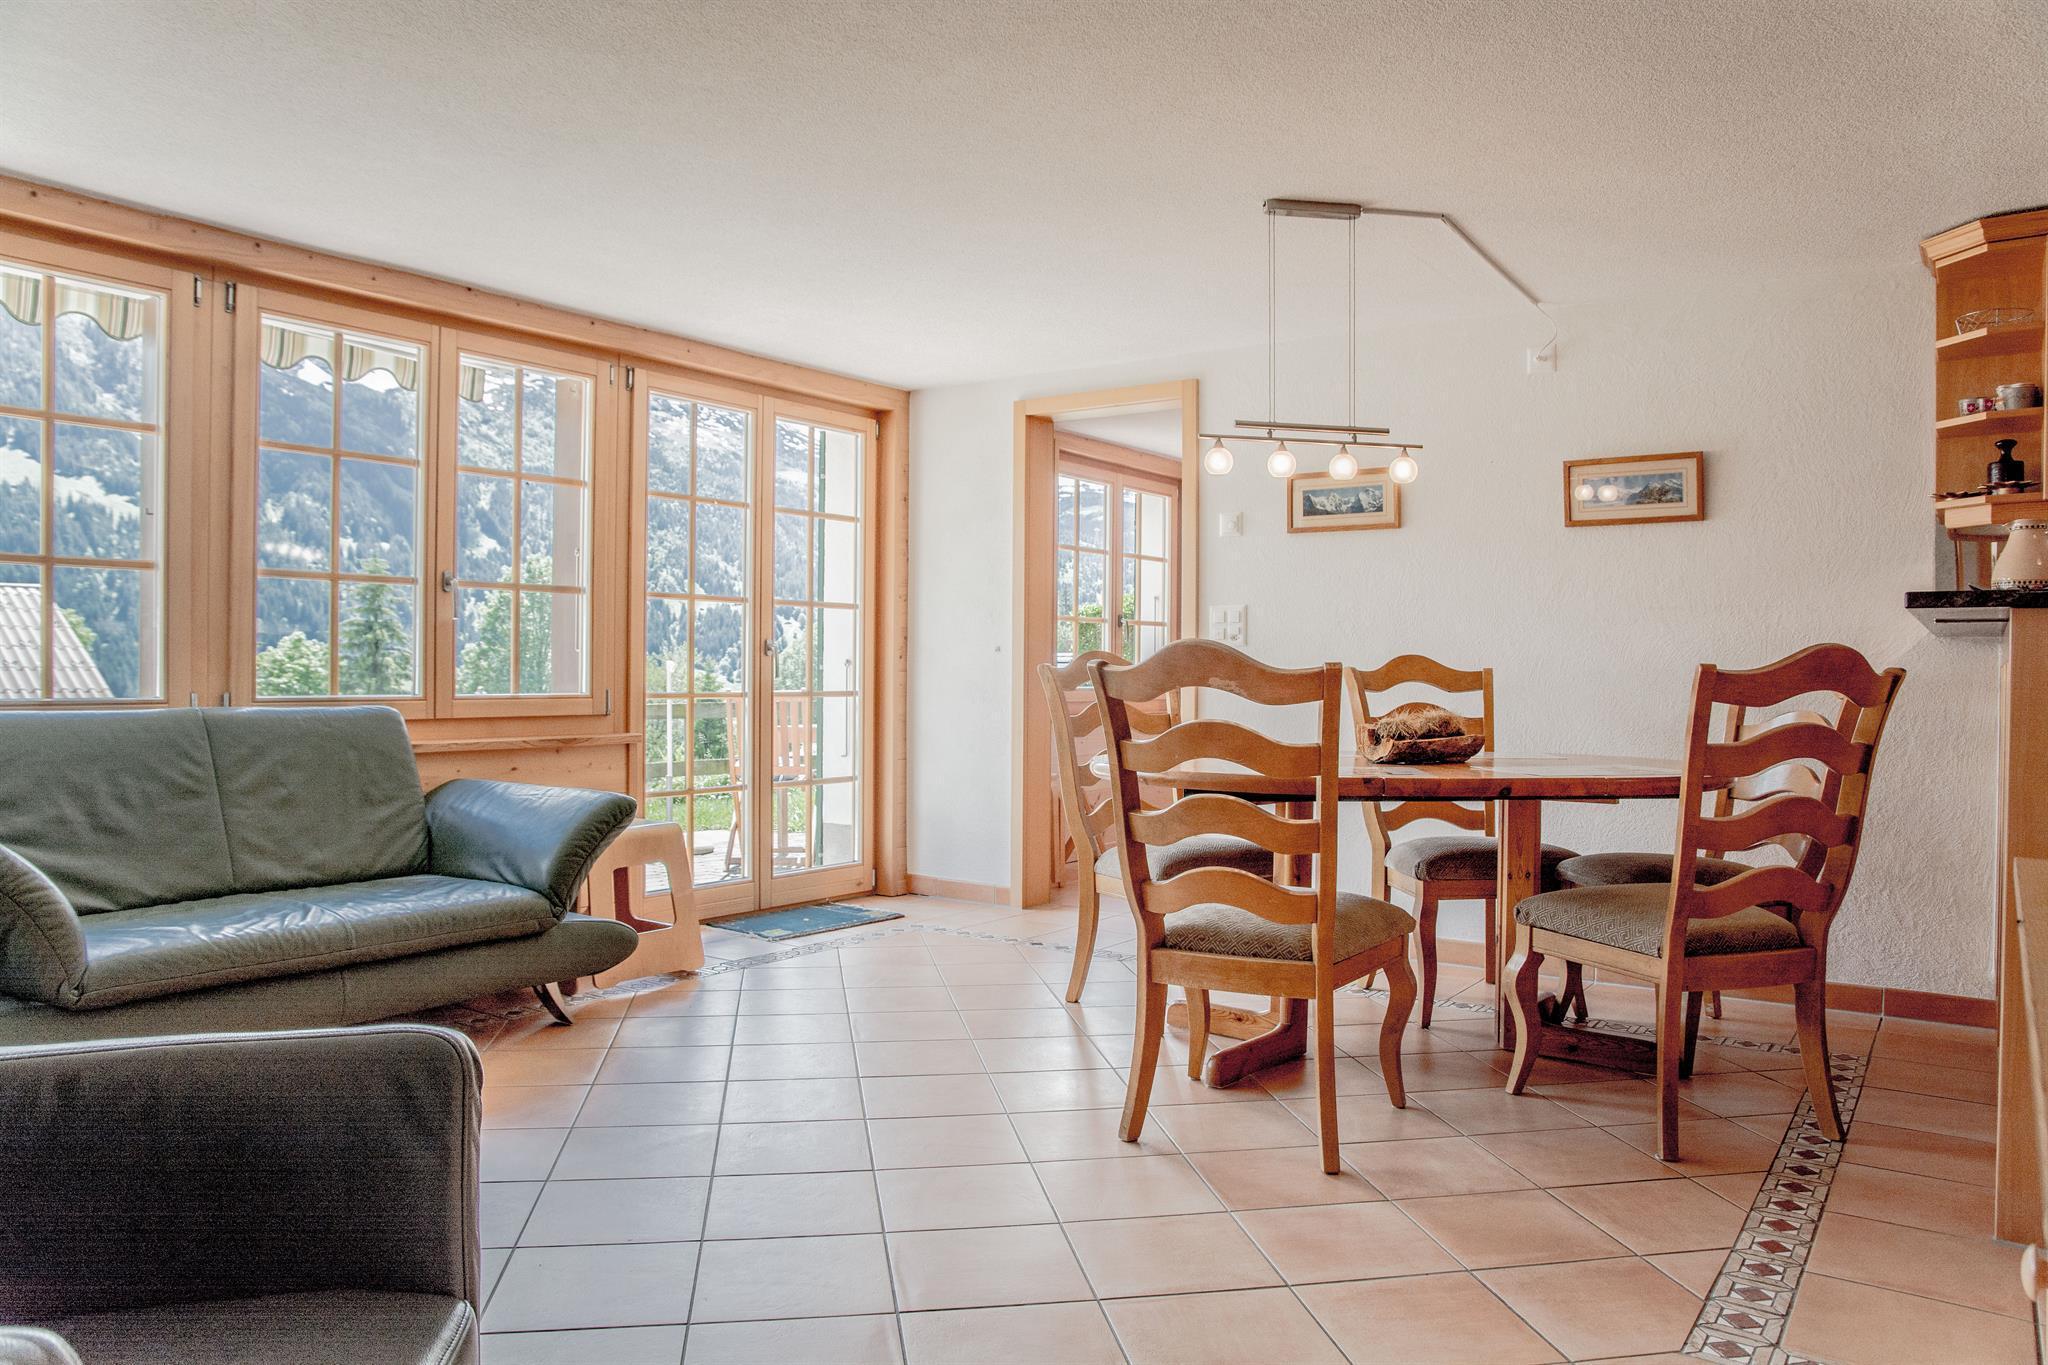 Ferienwohnung Hitsch 4 Bett Wohnung Obj. GRIWA4033 (2633981), Grindelwald, Jungfrauregion, Berner Oberland, Schweiz, Bild 2